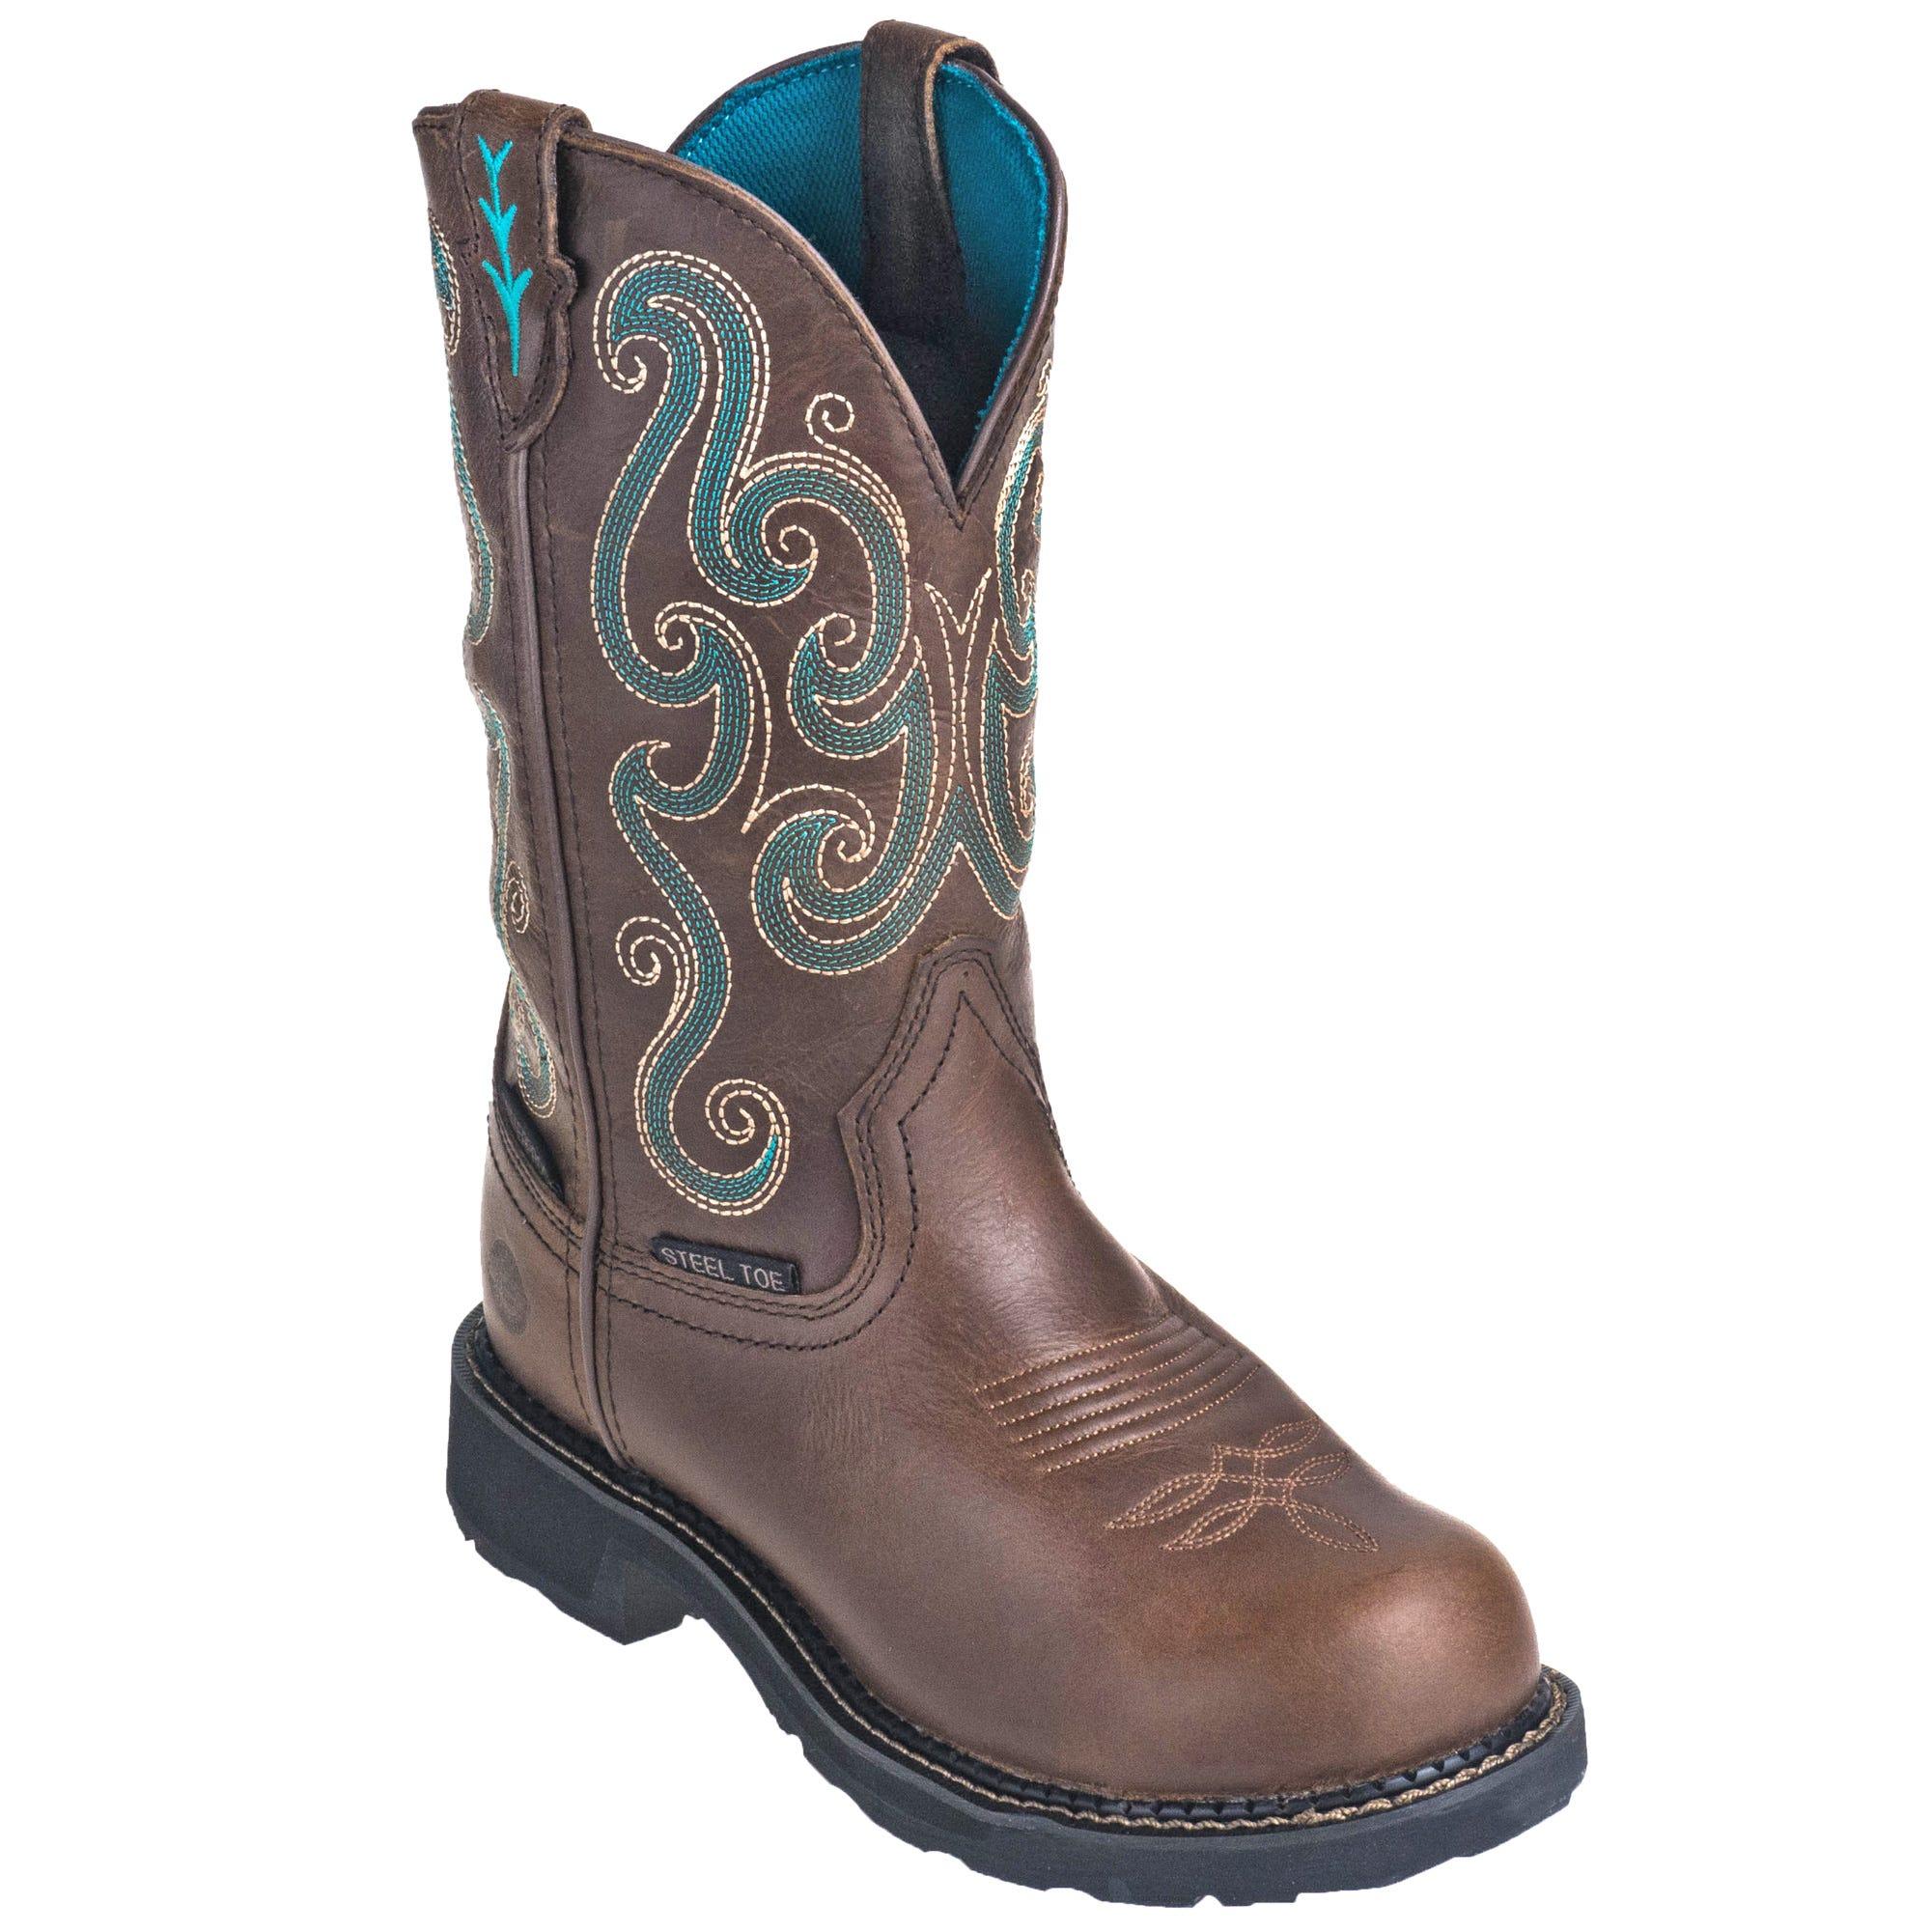 Justin Women's WKL9991 Waterproof Steel Toe EH Tan Gypsy Pull-On Work Boots